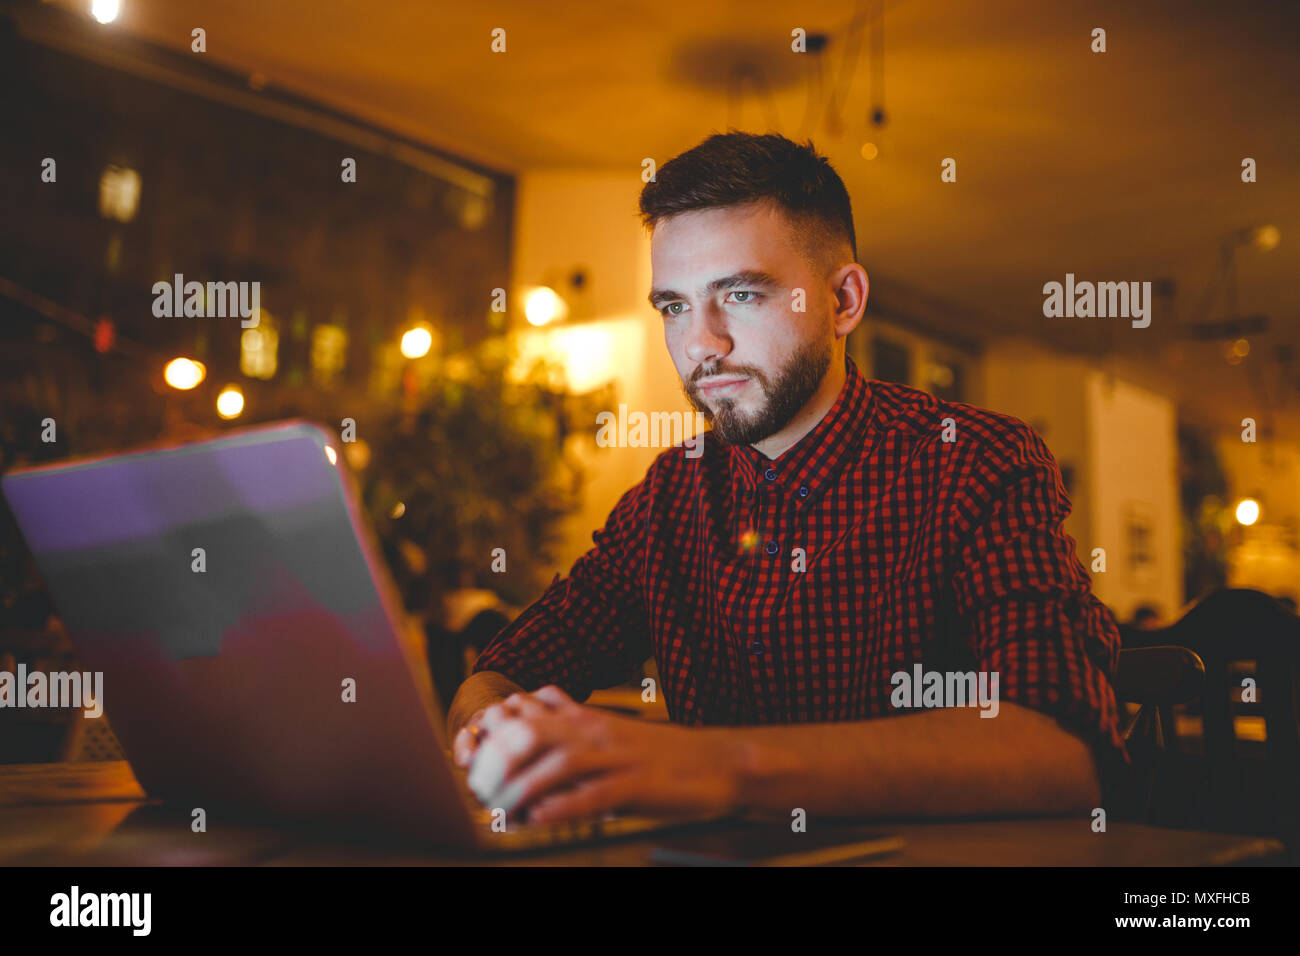 Eine junge Stattlichen kaukasischen Mann mit Bart und toothy Lächeln in einem rot kariertem Hemd ist die Arbeit hinter einem grauen Laptop an einem Holztisch sitzen. Die Hände auf der Tastatur. Abends an der Coffee Shop Stockbild